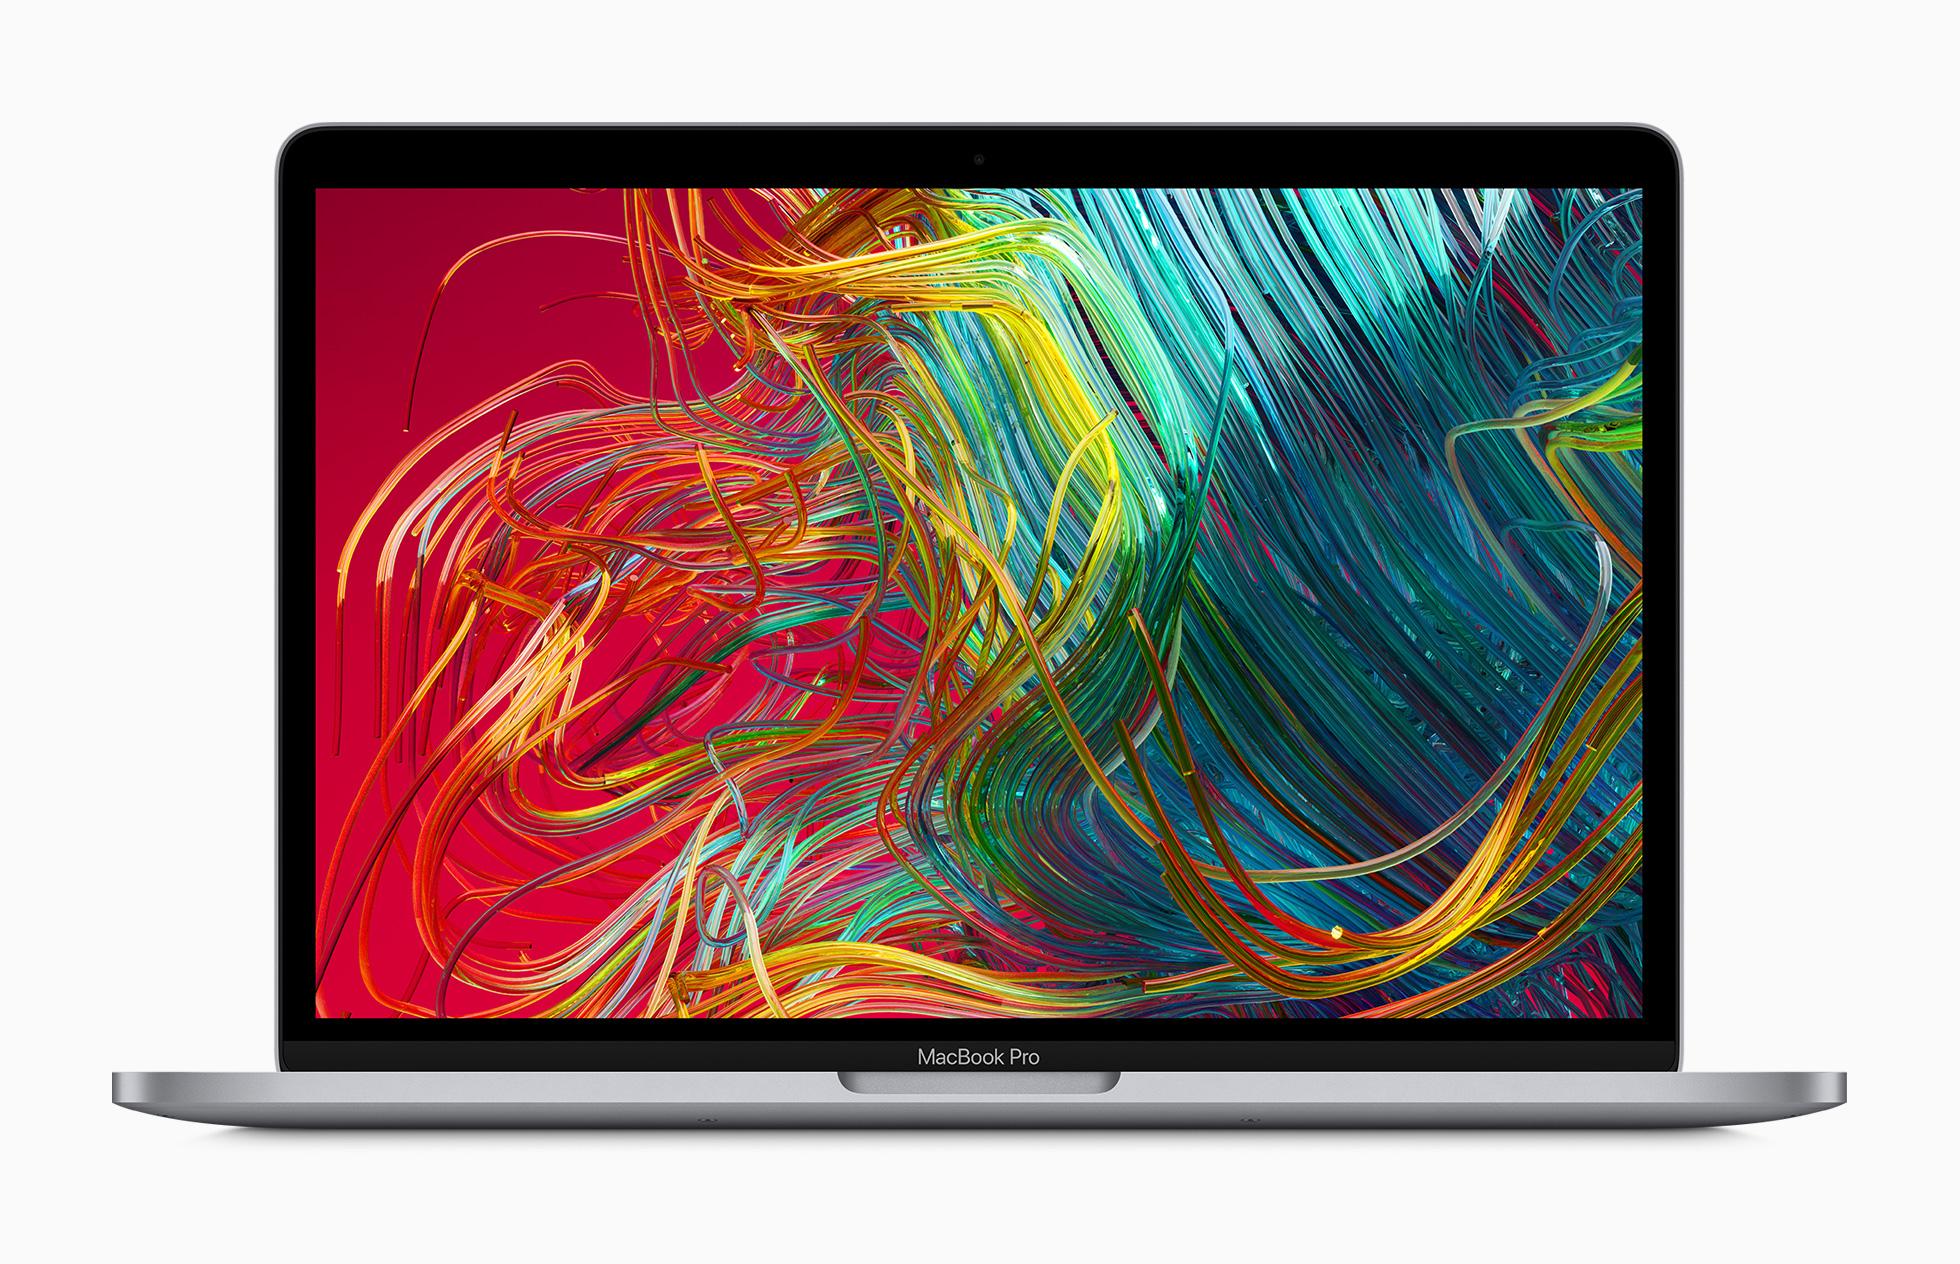 MacBook Pro: features, specs, prijzen en alles wat je moet weten